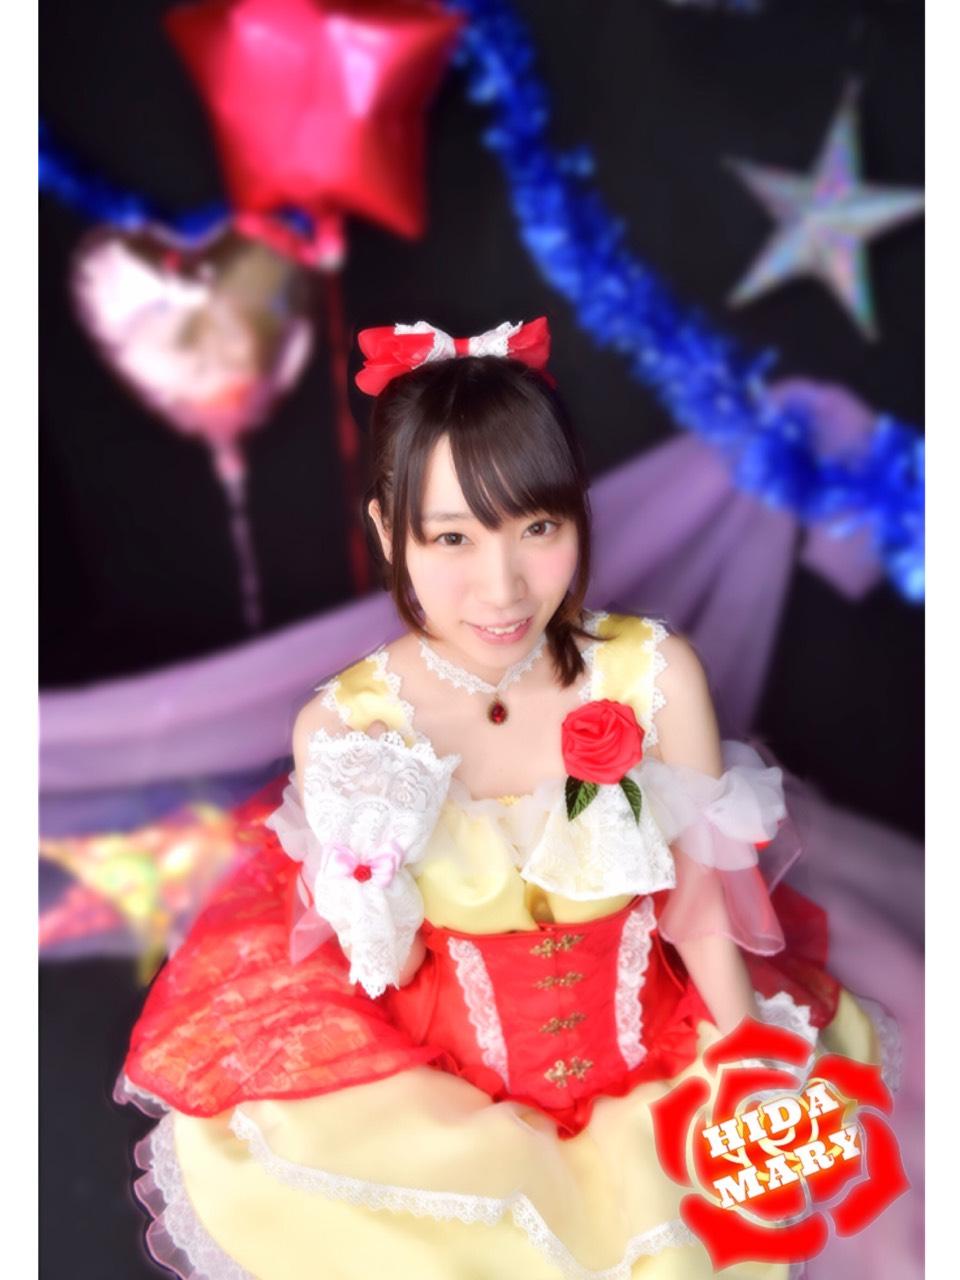 ライブとゲームで「スマイル・インフレーション」!自己プロデュース系アイドル「陽多マリィ」